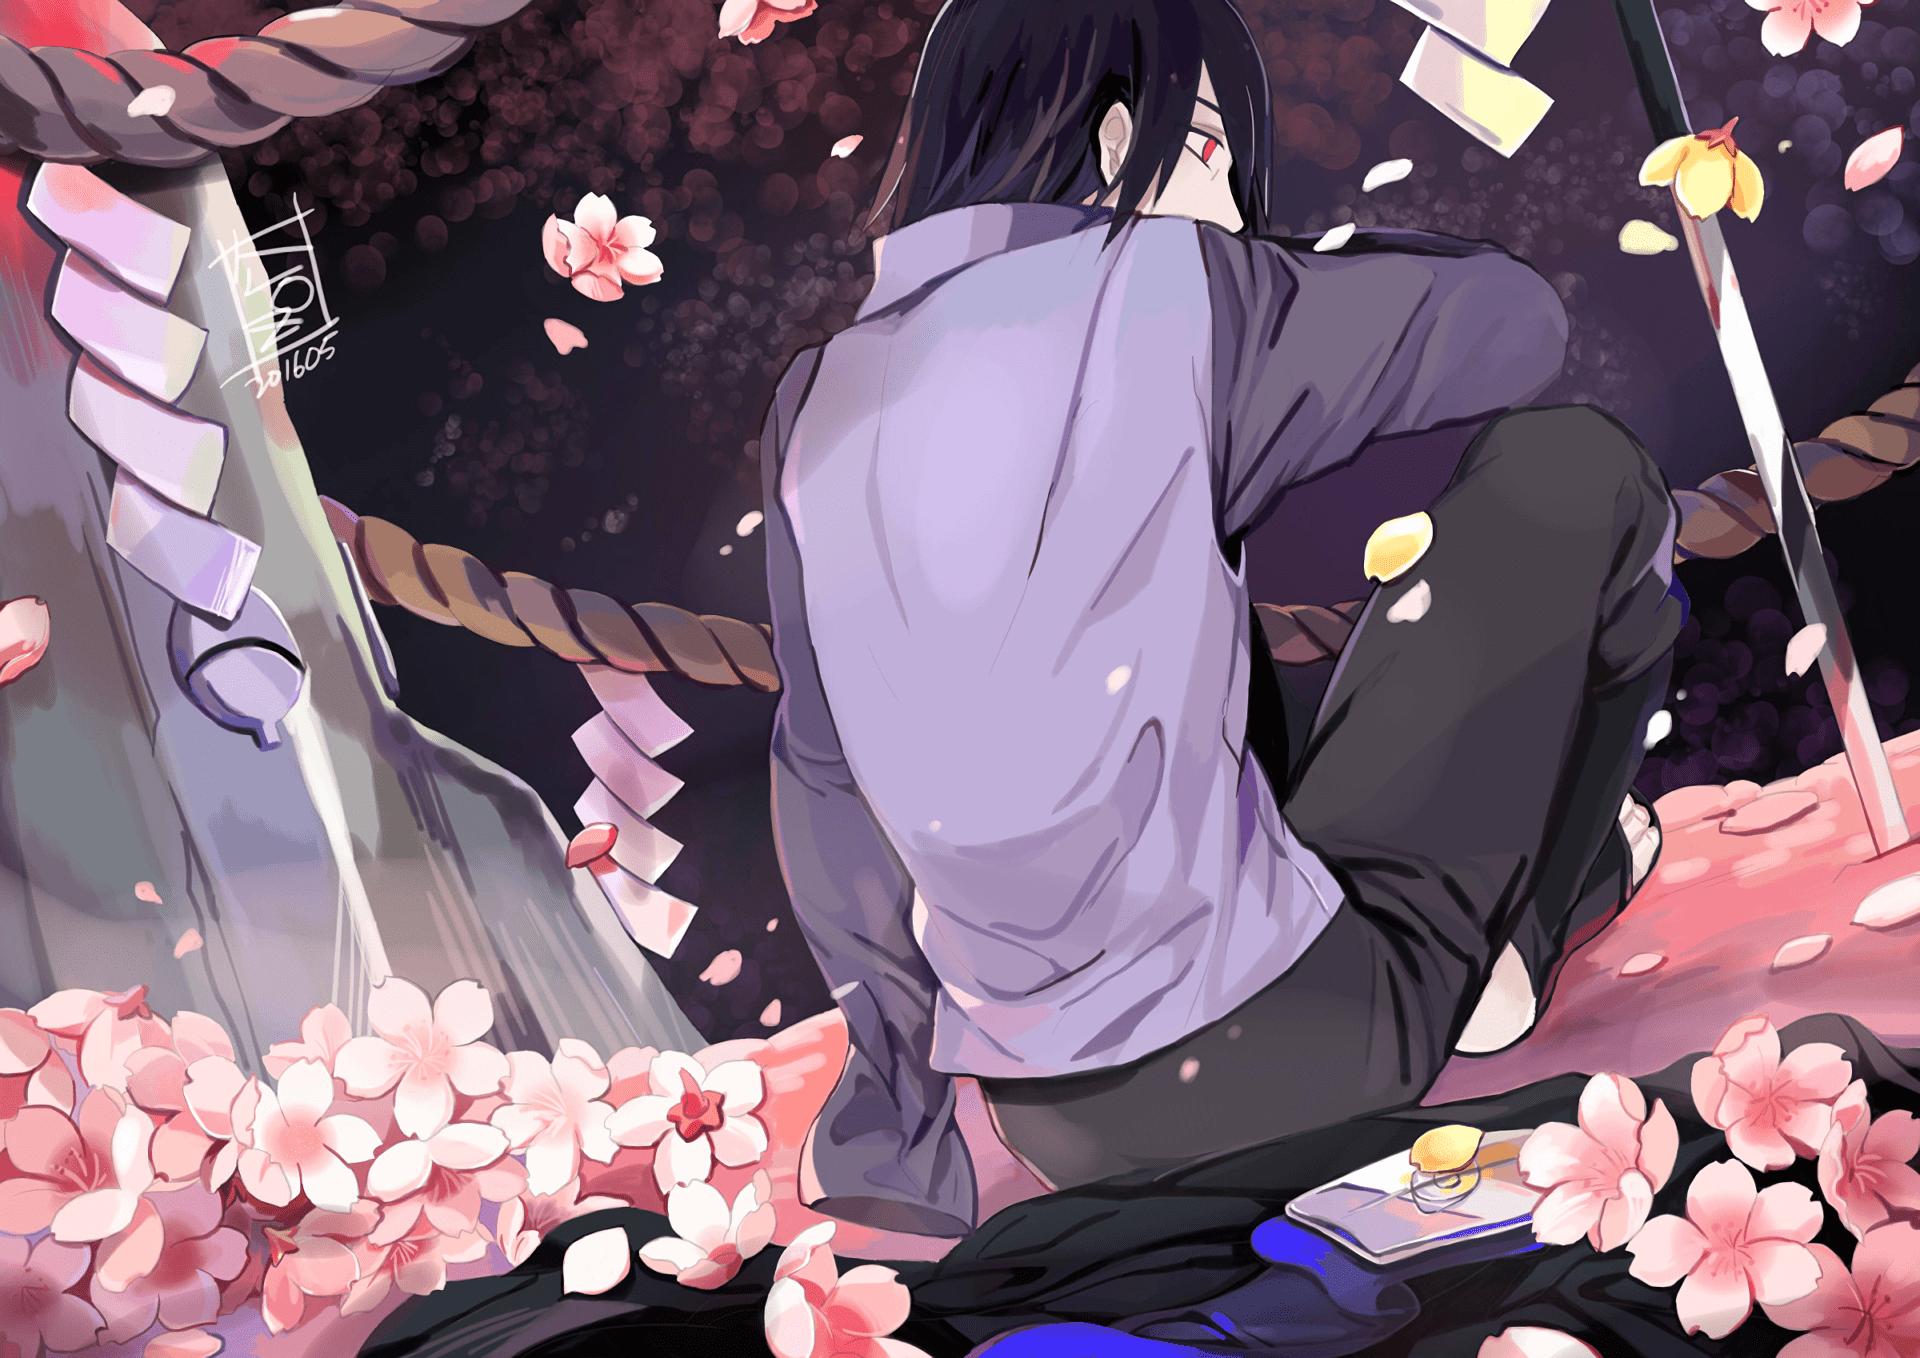 Sasuke Boruto Wallpapers Top Free Sasuke Boruto